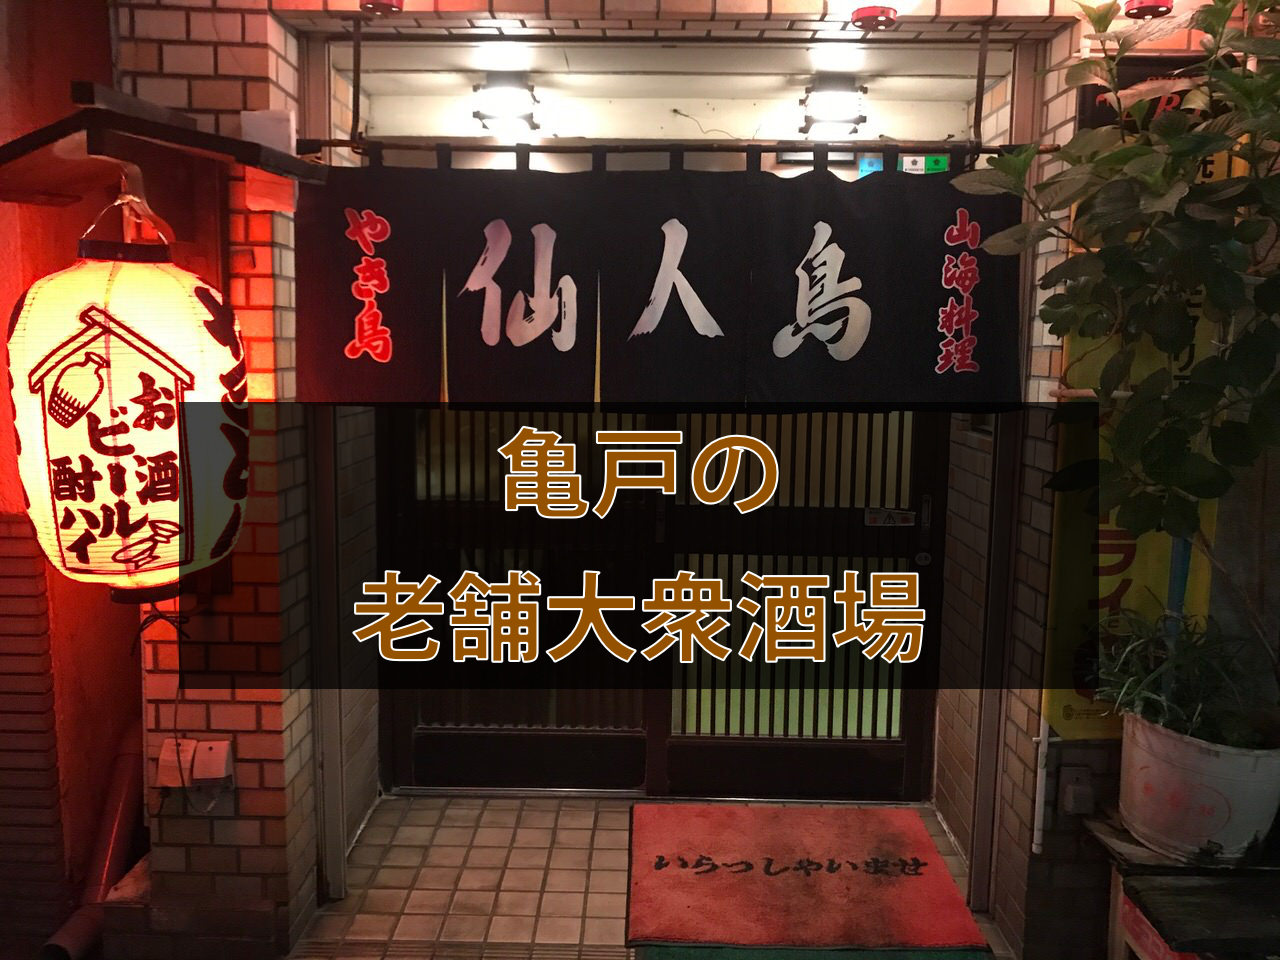 「仙人鳥(せんにんどり)」吉田類も訪れた亀戸の老舗酒場に放浪記